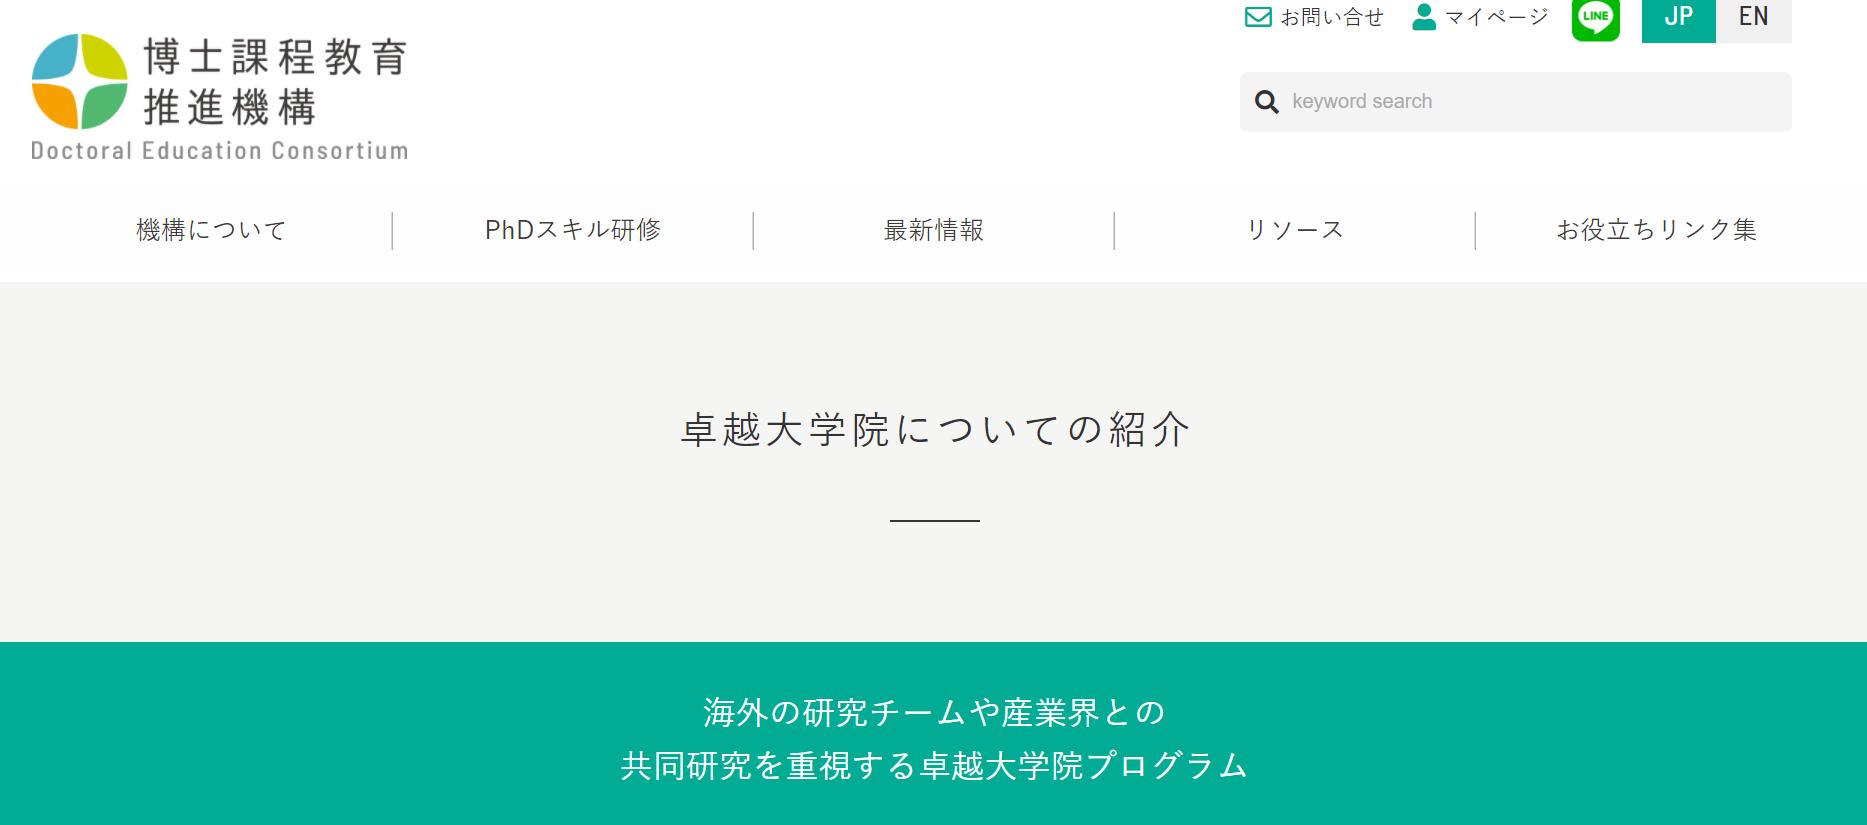 名古屋大学 未来エレクトロニクス創成加速DII協働大学院プログラム「DII 協働プロジェクト」のチームづくりのサポートをしています